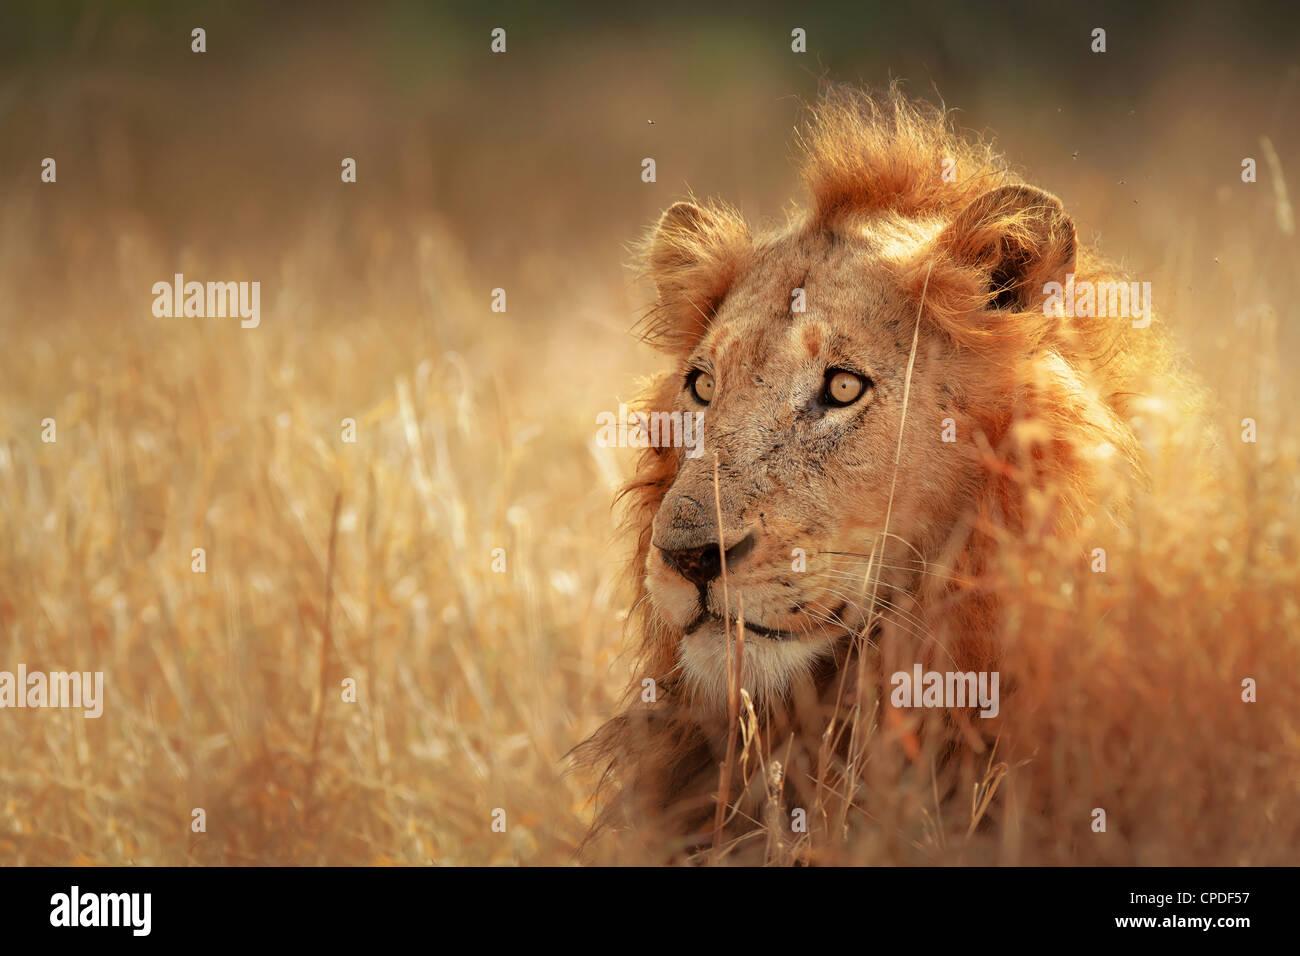 León macho grande acostado en pastizales densos - Parque Nacional Kruger - Sudáfrica Imagen De Stock